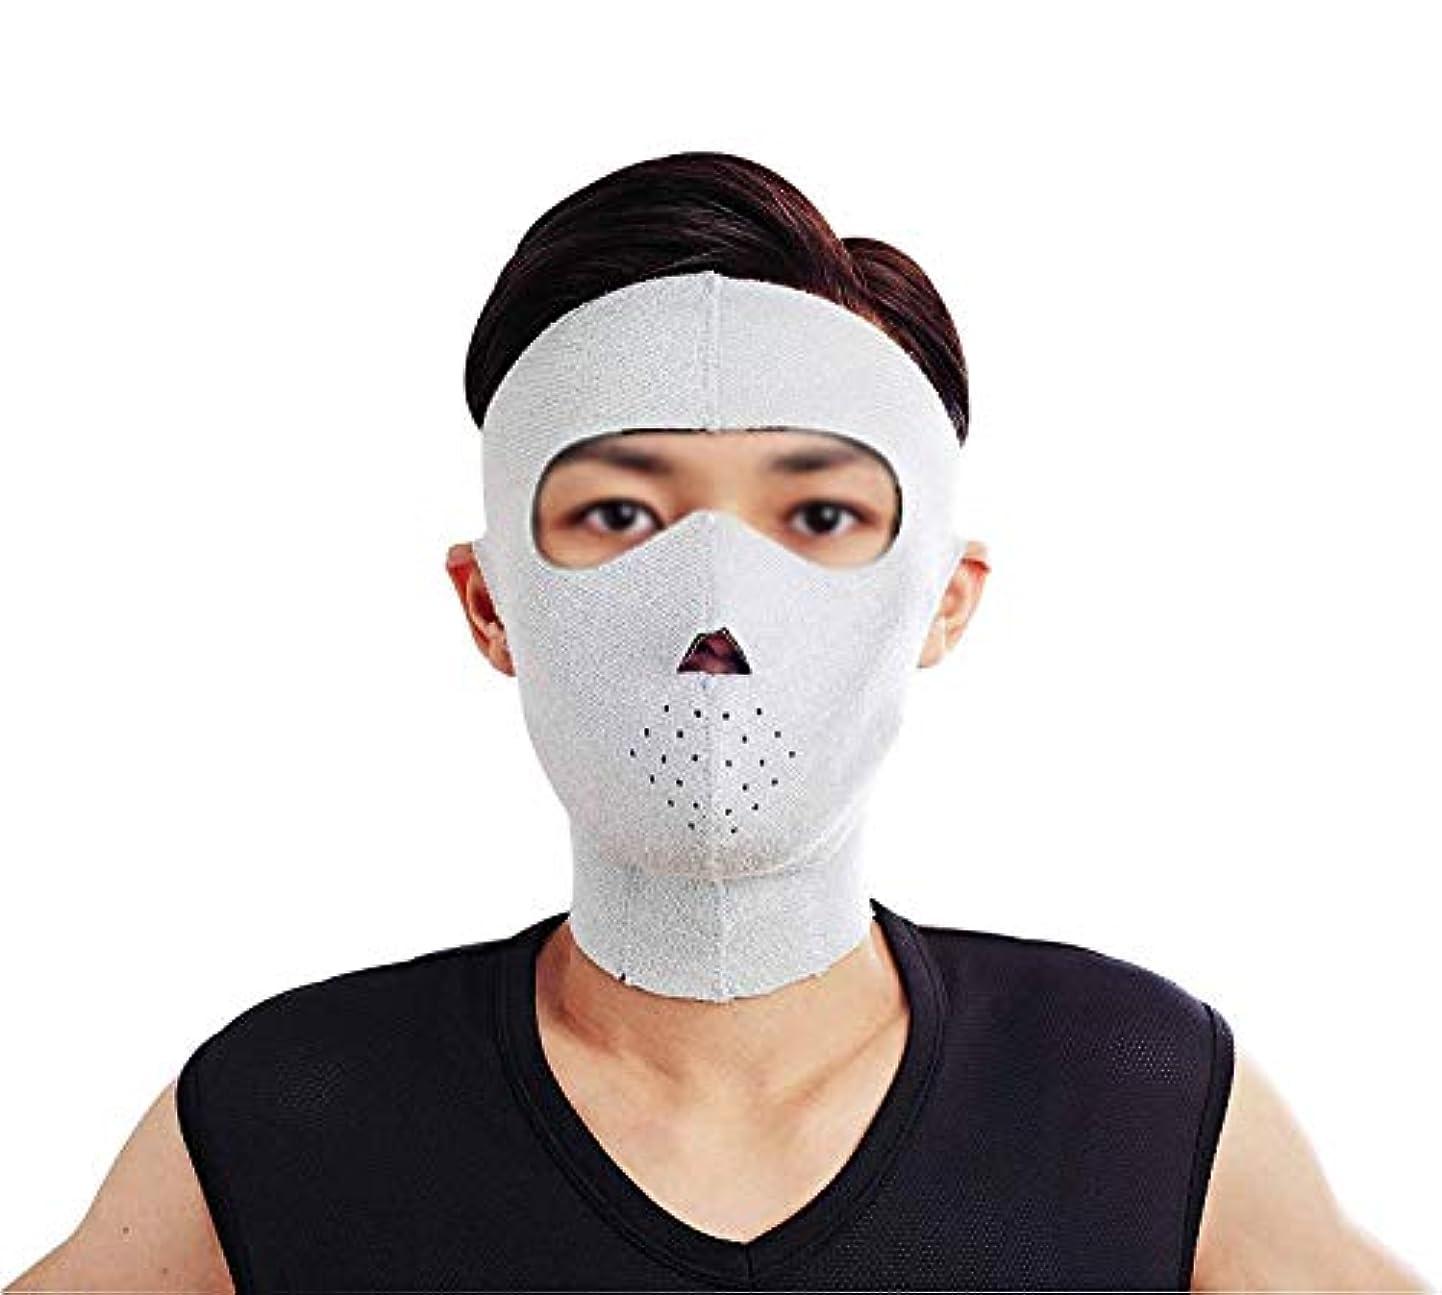 擬人子犬スクリューフェイスリフトマスク、フェイシャルマスクプラス薄いフェイスマスクタイトなたるみの薄いフェイスマスクフェイシャル薄いフェイスマスクアーティファクトビューティー男性ネックストラップ付き